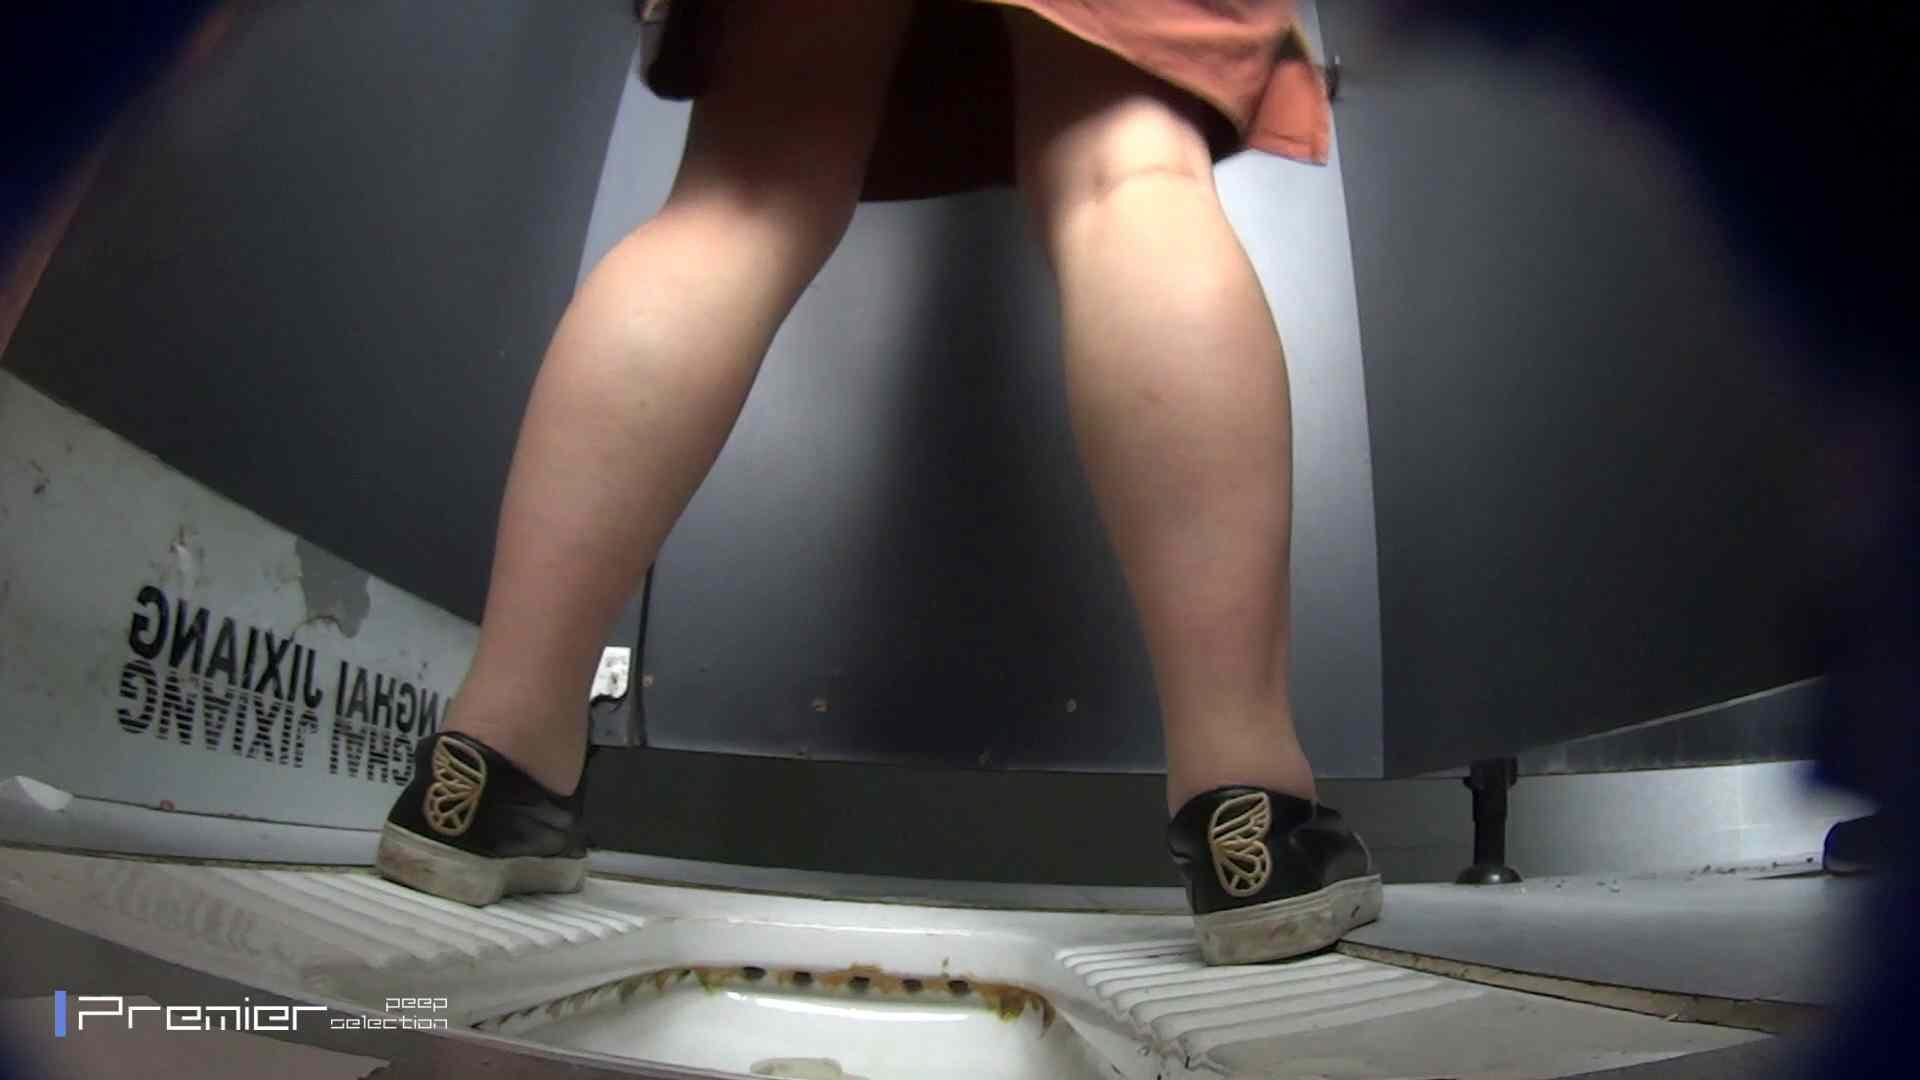 びゅーっと!オシッコ放出 大学休憩時間の洗面所事情47 ギャルズ AV動画キャプチャ 105画像 24